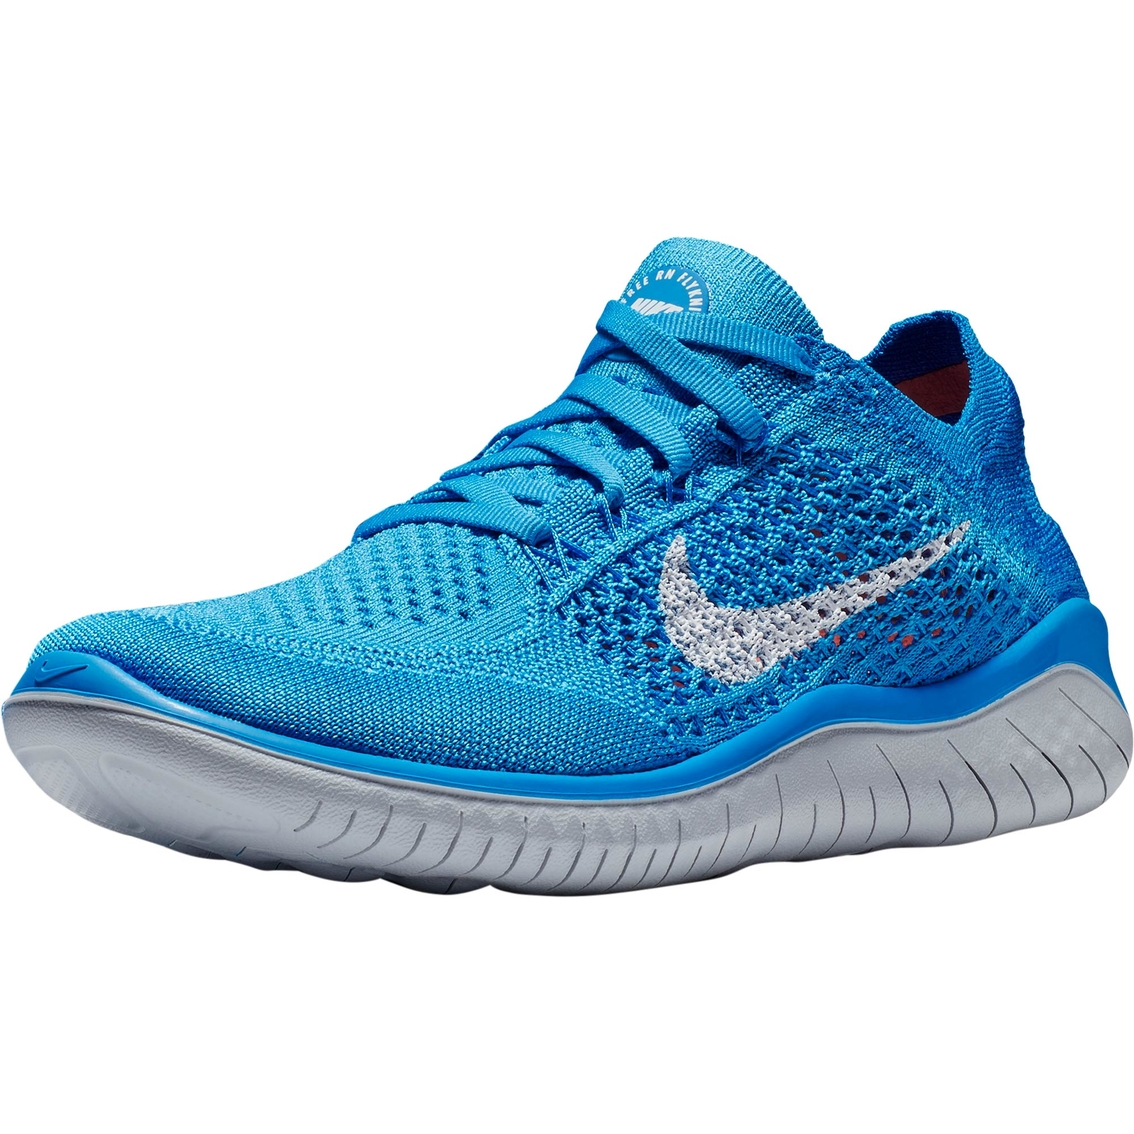 ceae07faa1df Nike Women s Free Rn Flyknit 2018 Running Shoes